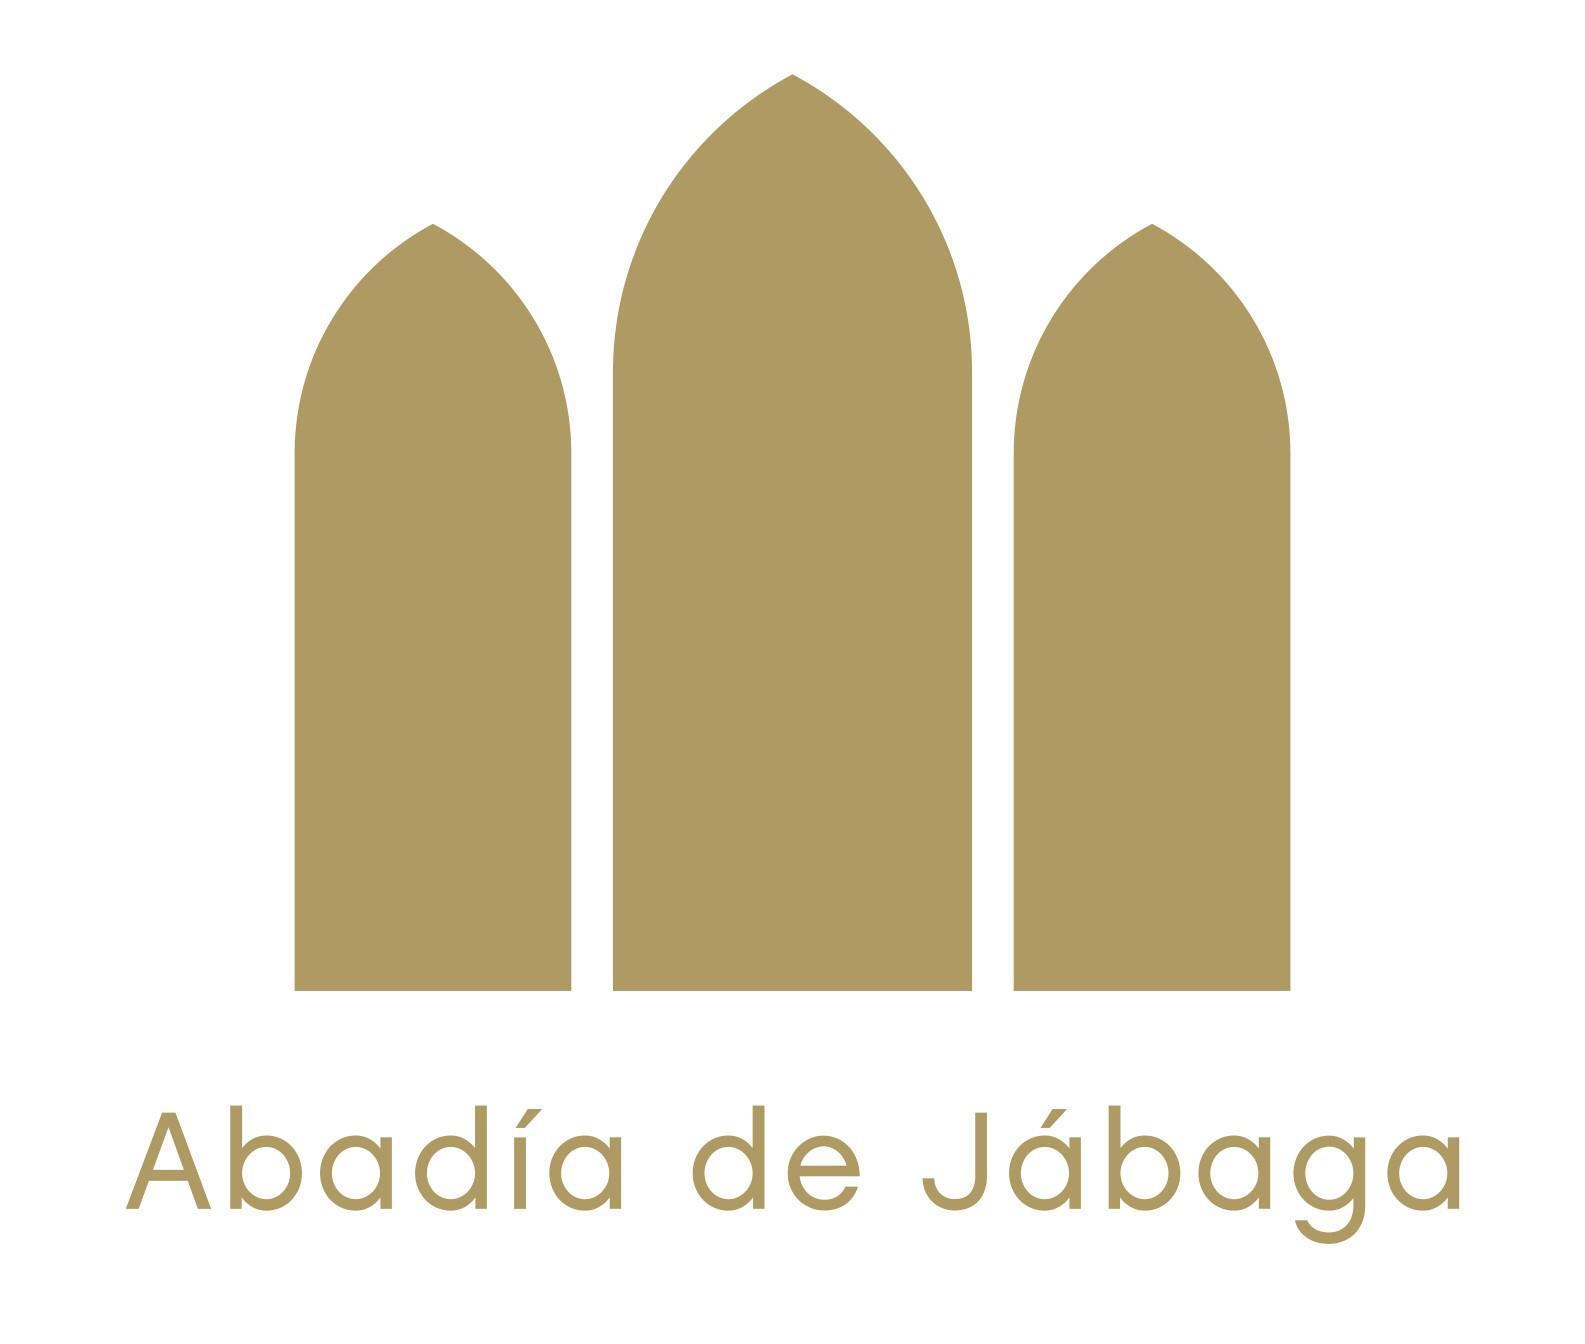 Abadía de Jábaga